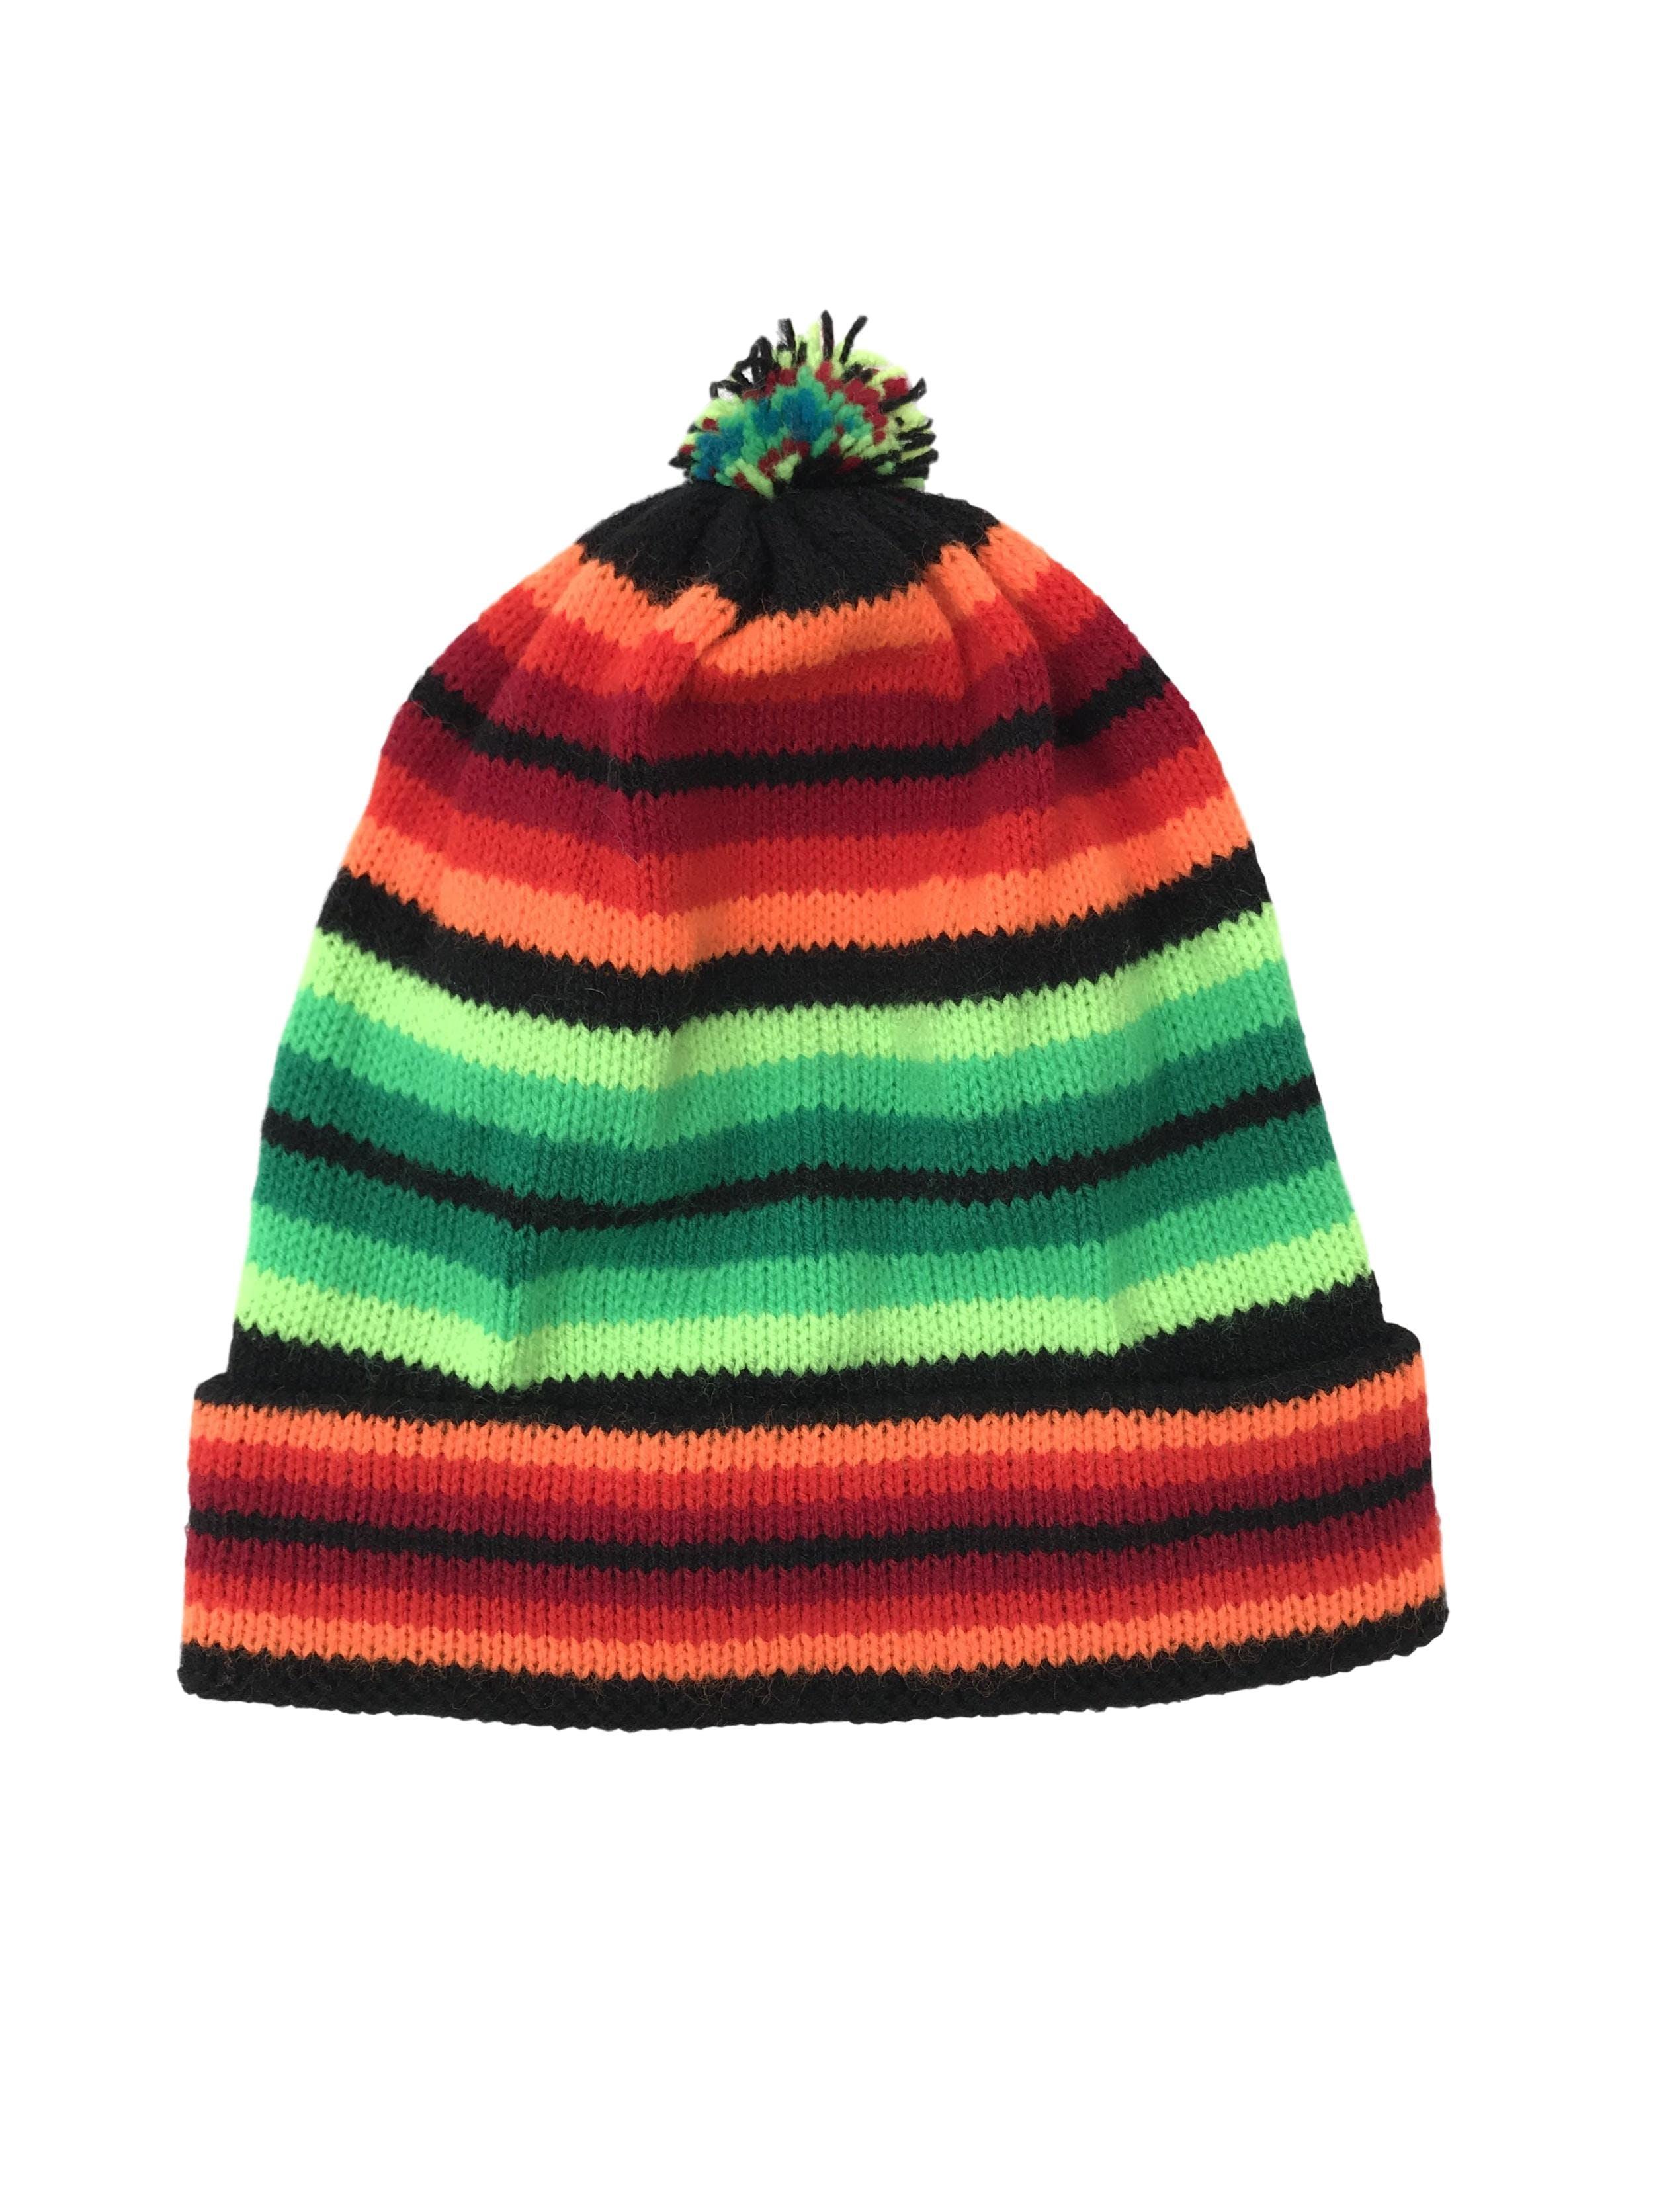 Gorro tejido en franjas verdes, anaranjadas y negras, pompom y dobladillo en la basta